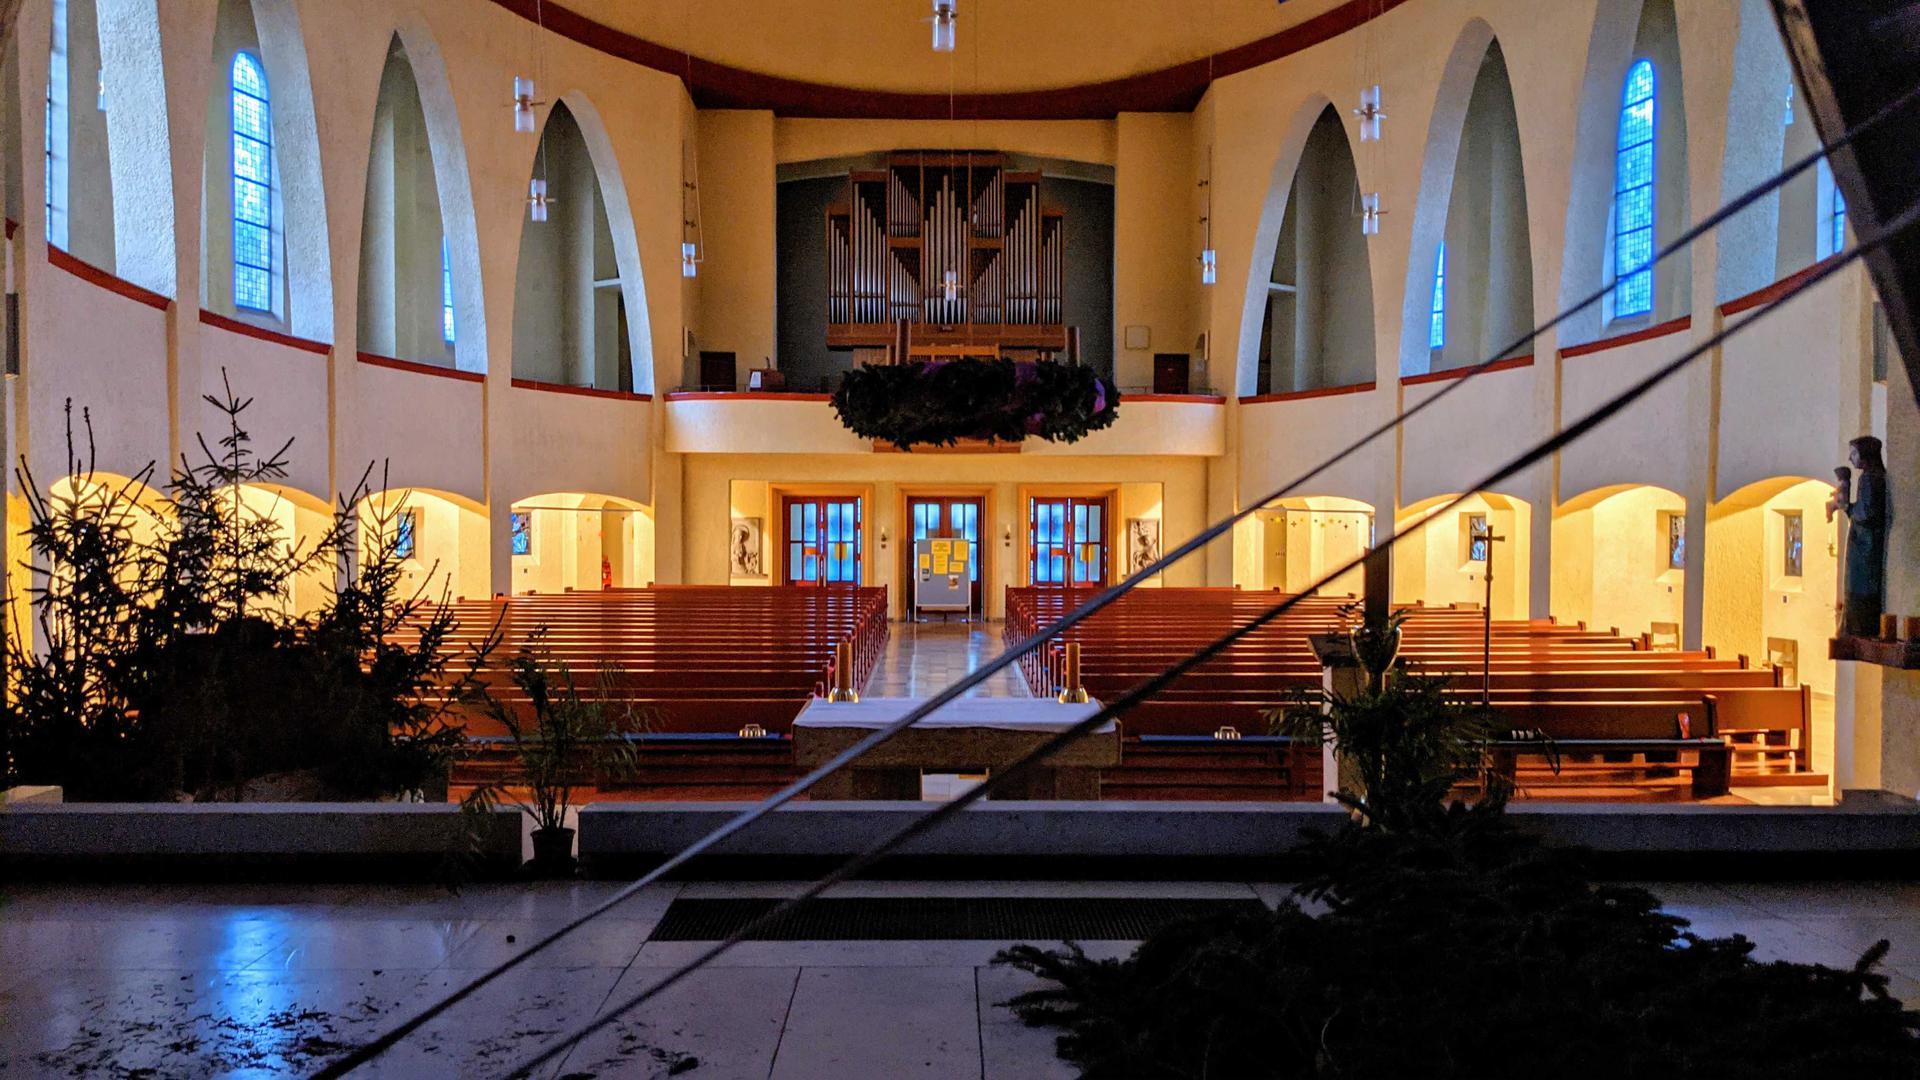 Bleibt zu Weihnachten leer: Viele Kirchengemeinden in Pforzheim und dem Enzkreis haben ihre Gottesdienste an Weihnachten wegen der Corona-Pandemie abgesagt. Auch die Herz-Jesu-Kirche in Pforzheim wird - bis auf einzelne Besucher leer bleiben.